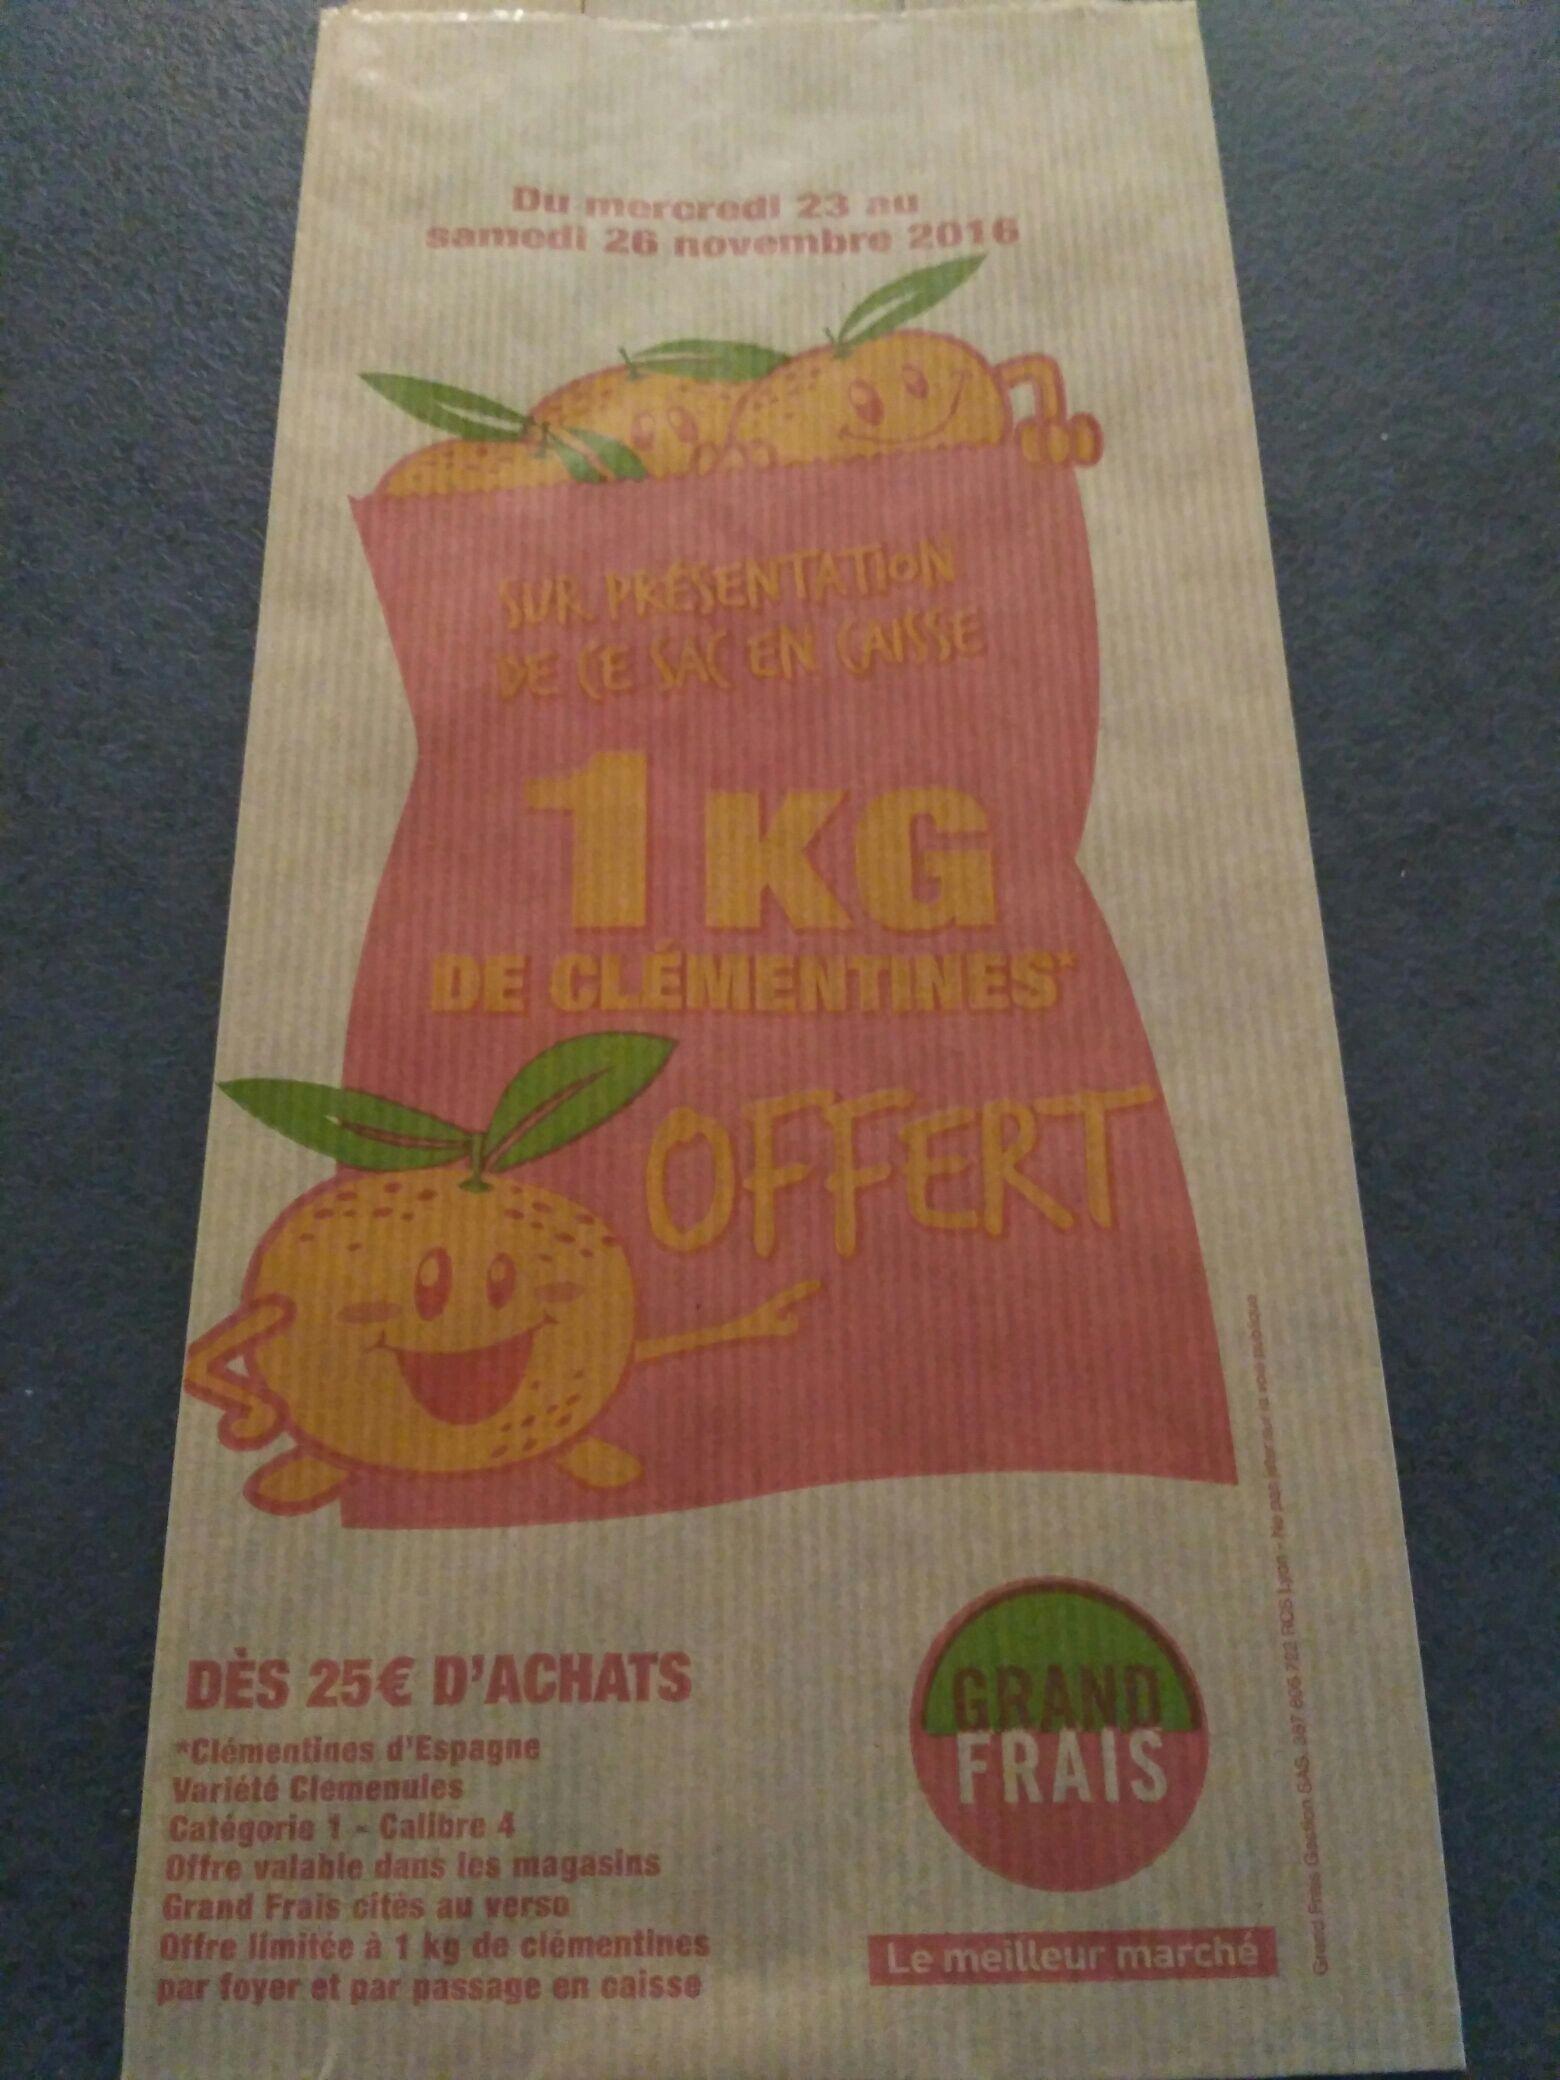 1kg de Clémentine offert dès 25€ d'achat